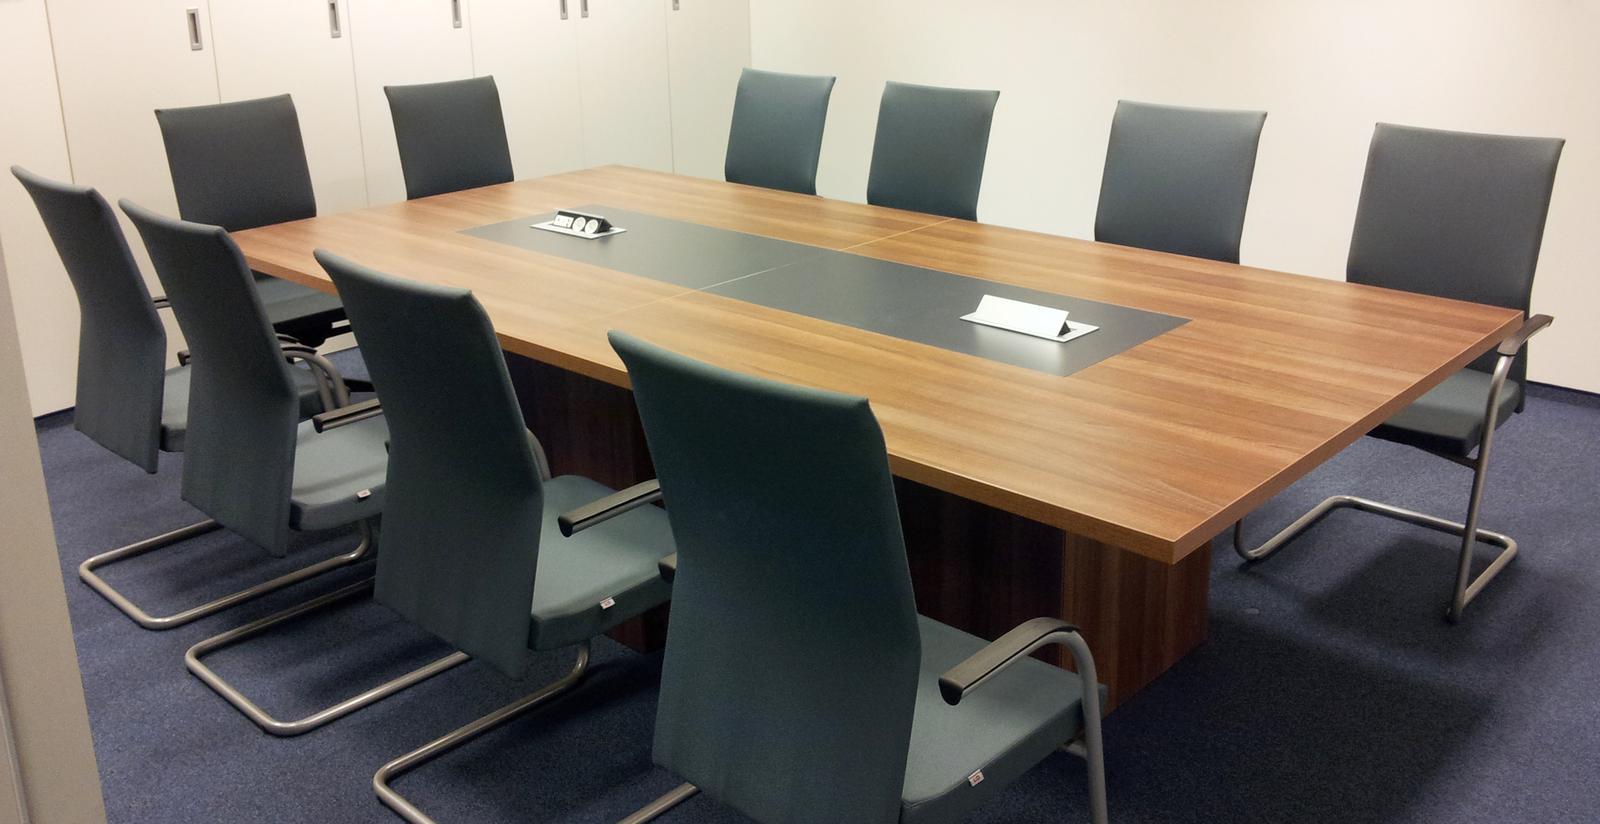 Dizajn a výroba nábytku na mieru Cubica - zasadací stol - dizajn a výroba cubica